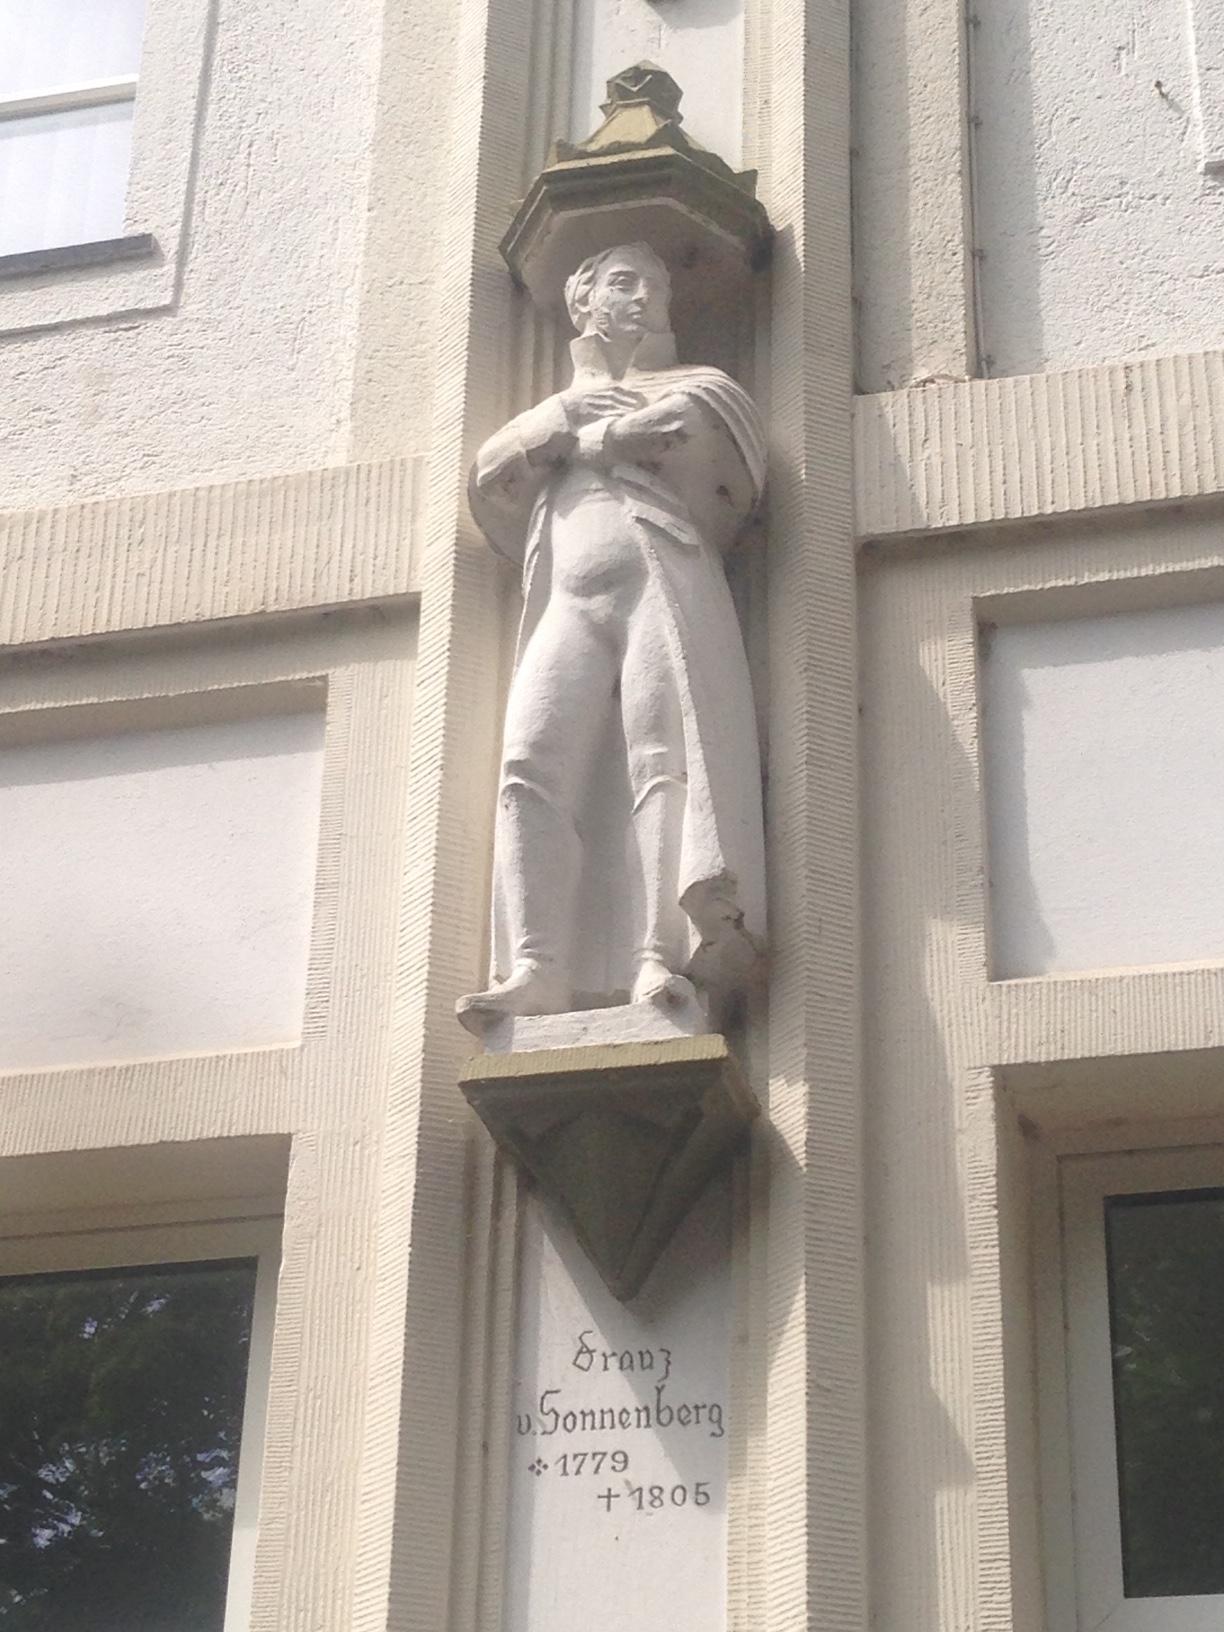 Franz von Sonnenberg